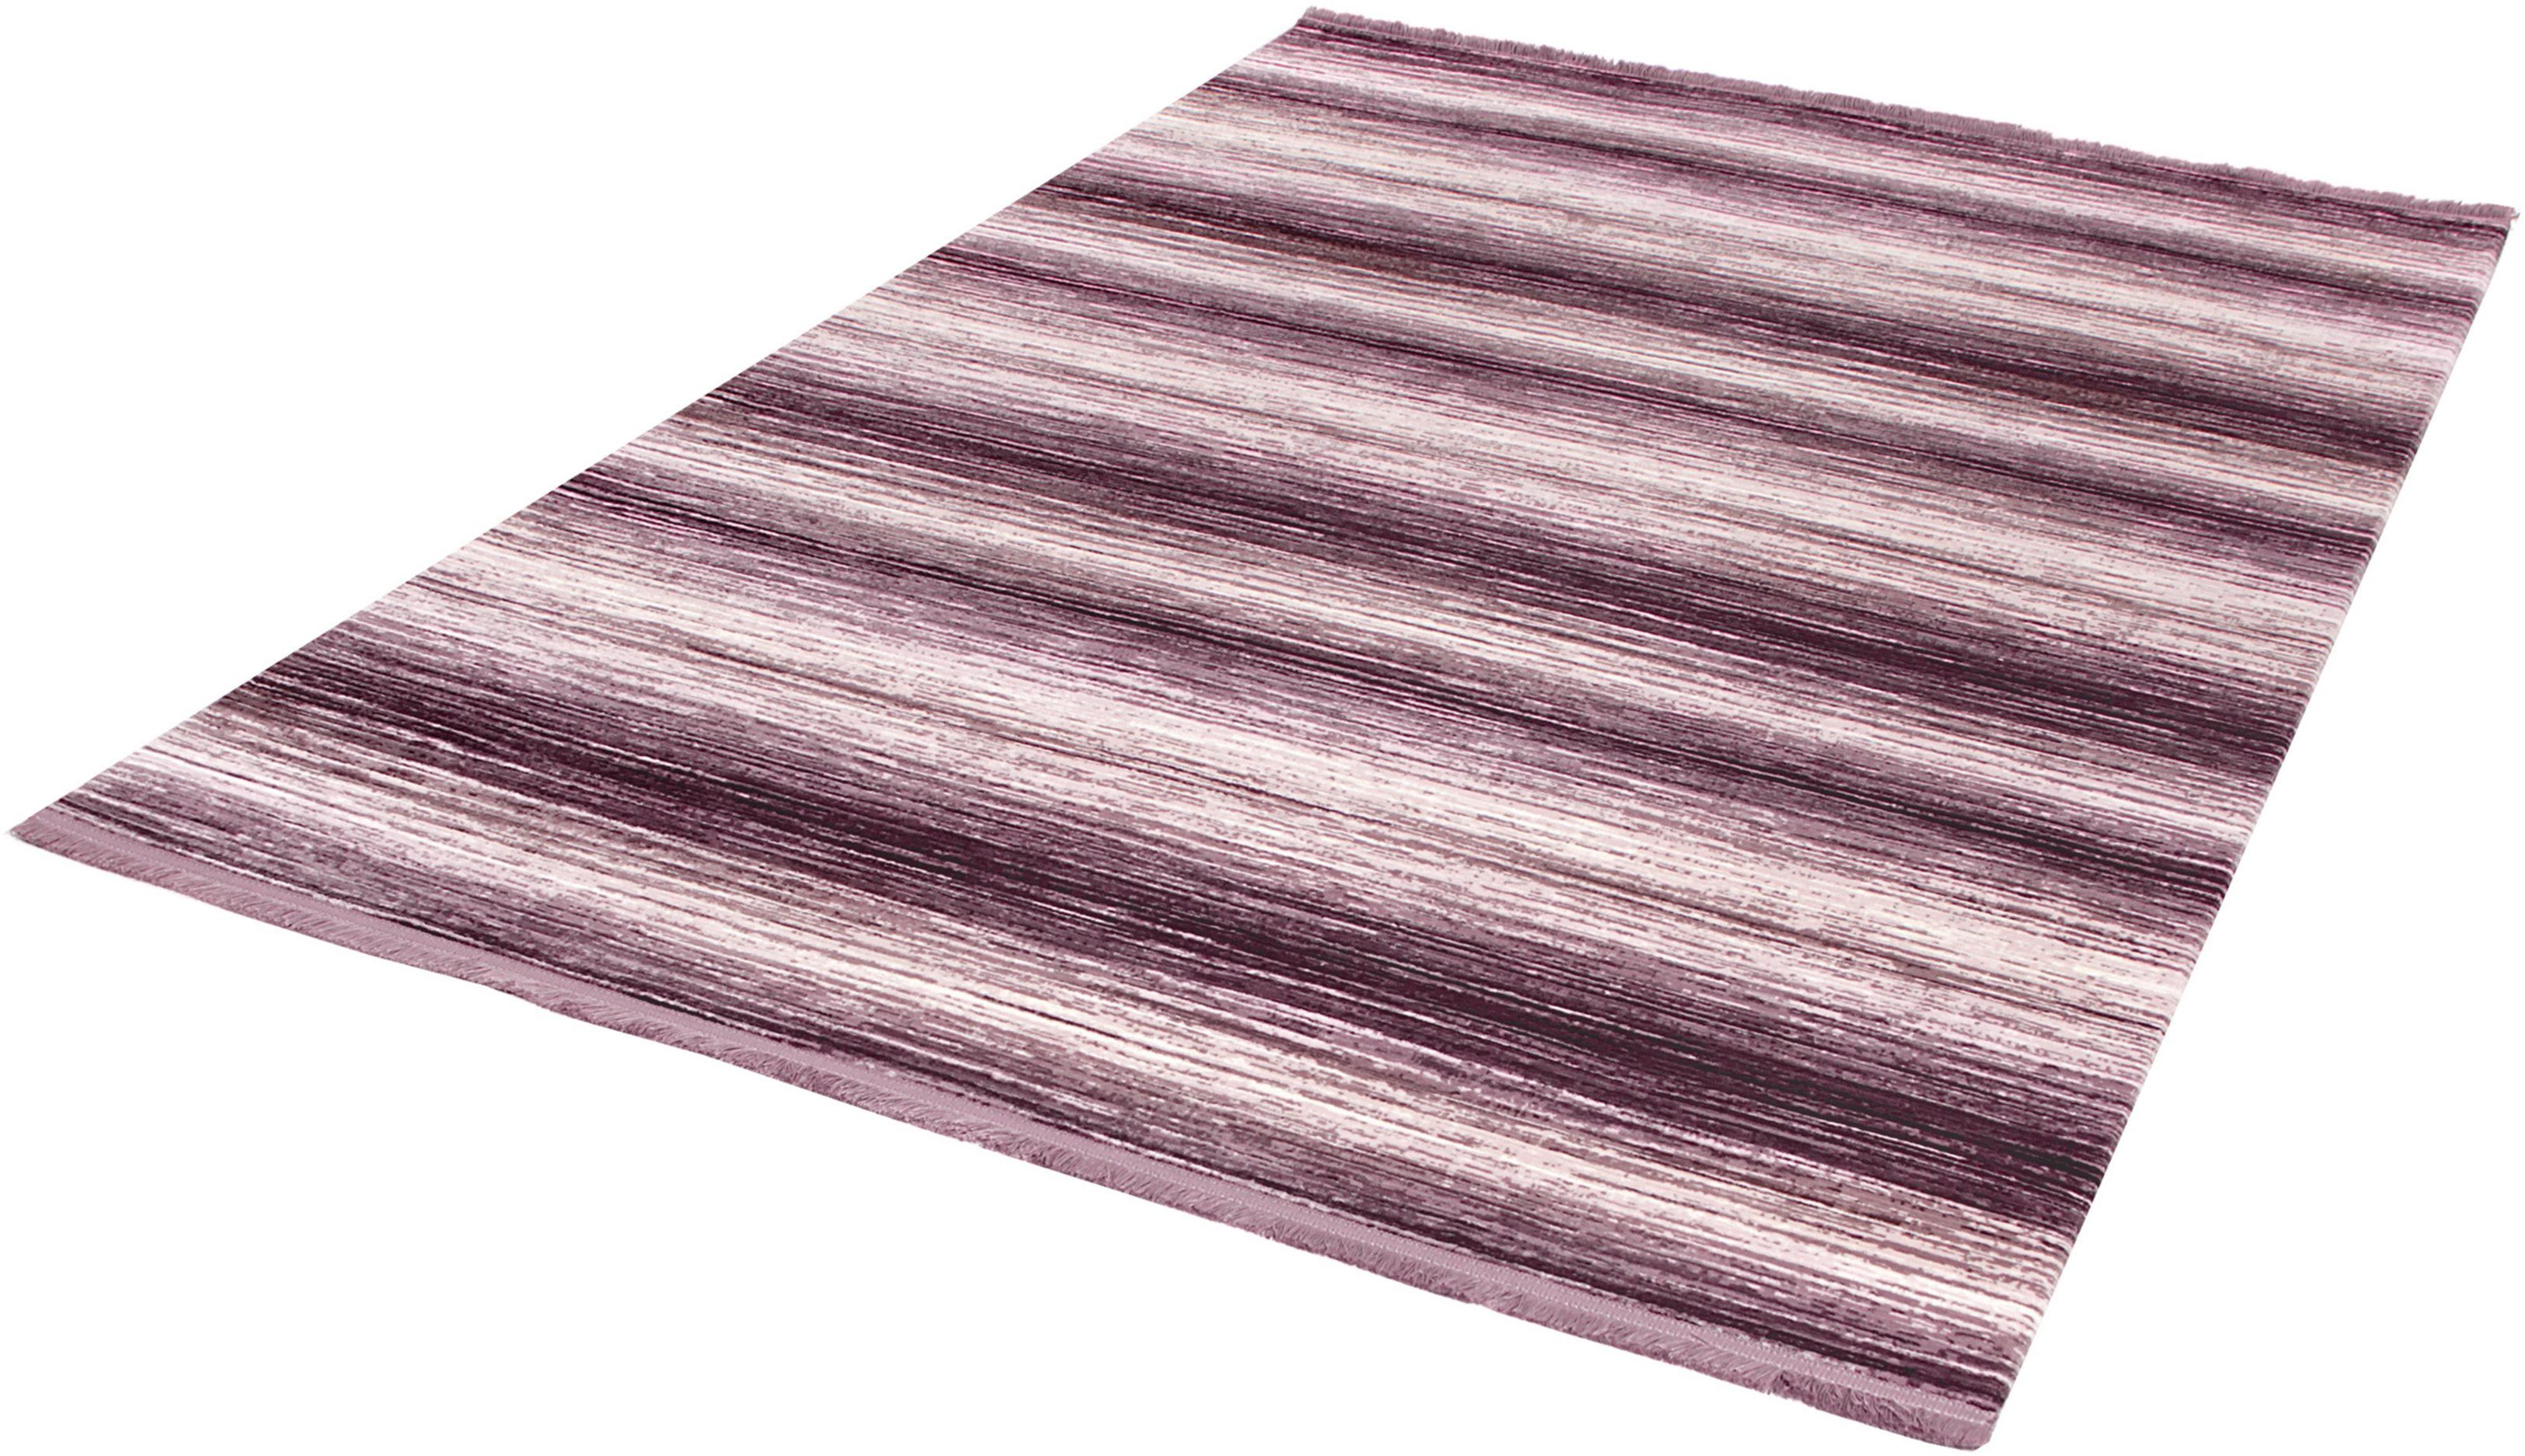 Teppich Angora Hali Tarz 3132 Handgearbeitet Jetzt Bestellen Unter Https Moebel Ladendirekt De Heimtextilie Teppich Lila Teppich Teppich Online Kaufen